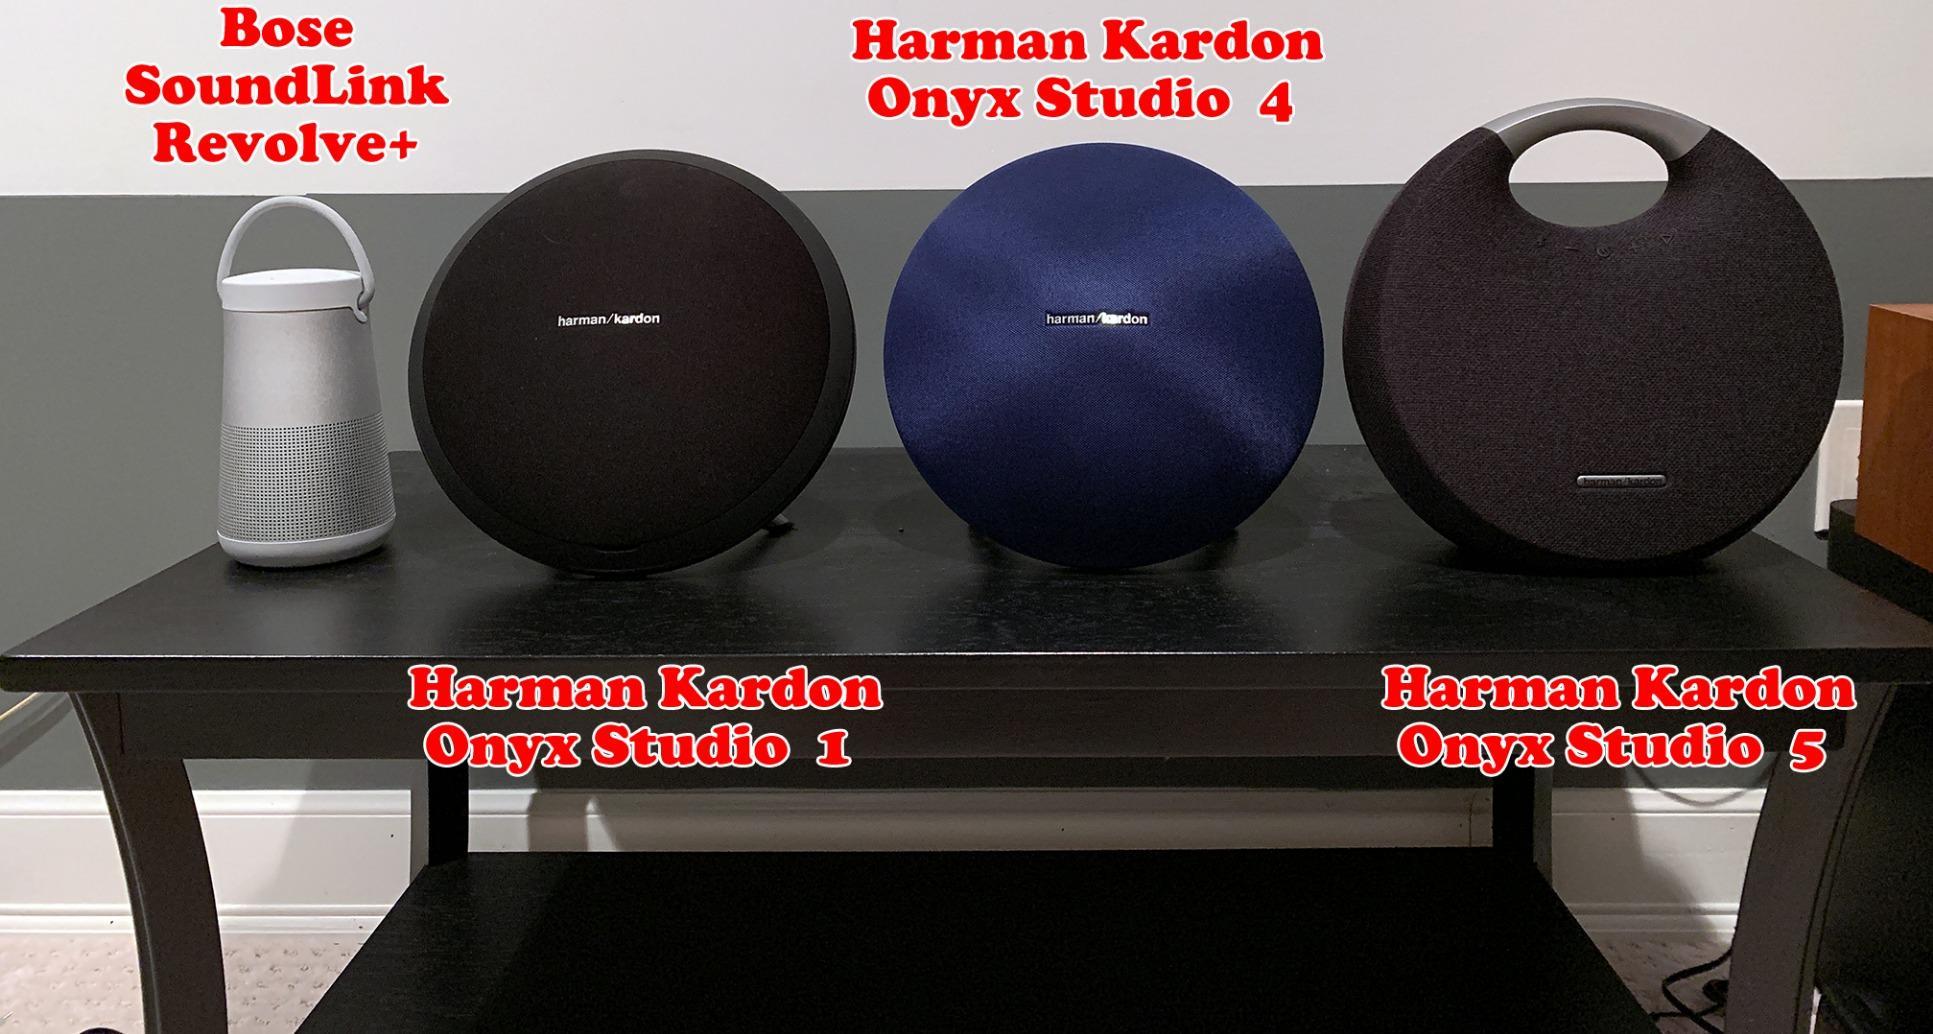 Harman Kardon Onyx Studio 5 Bluetooth Wireless Speaker (Onyx5